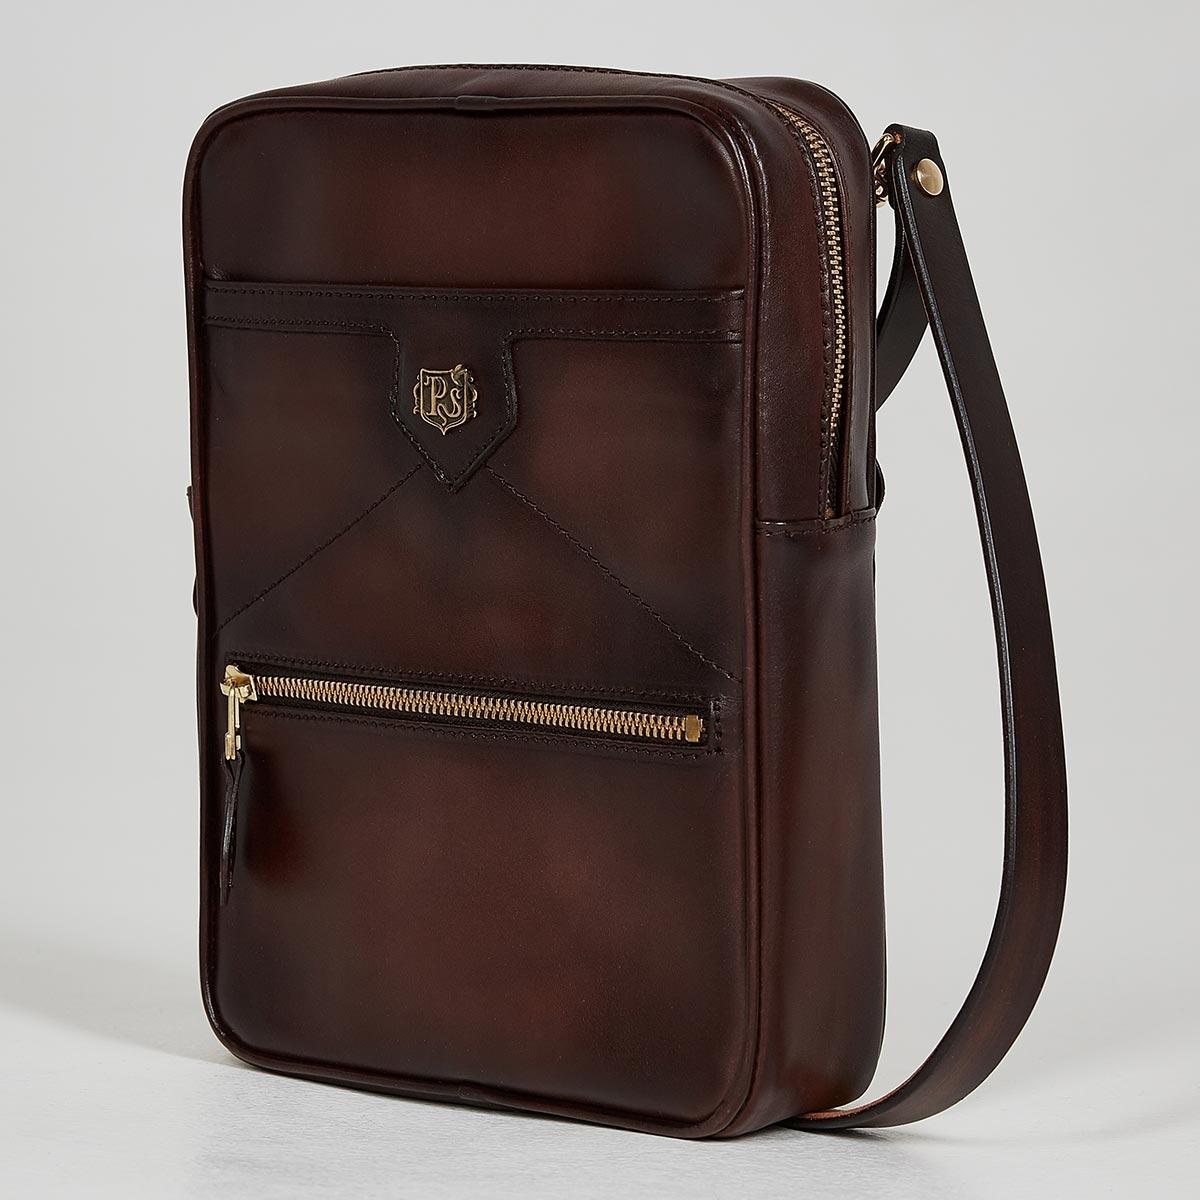 Crossbody bag MEZZO brownie